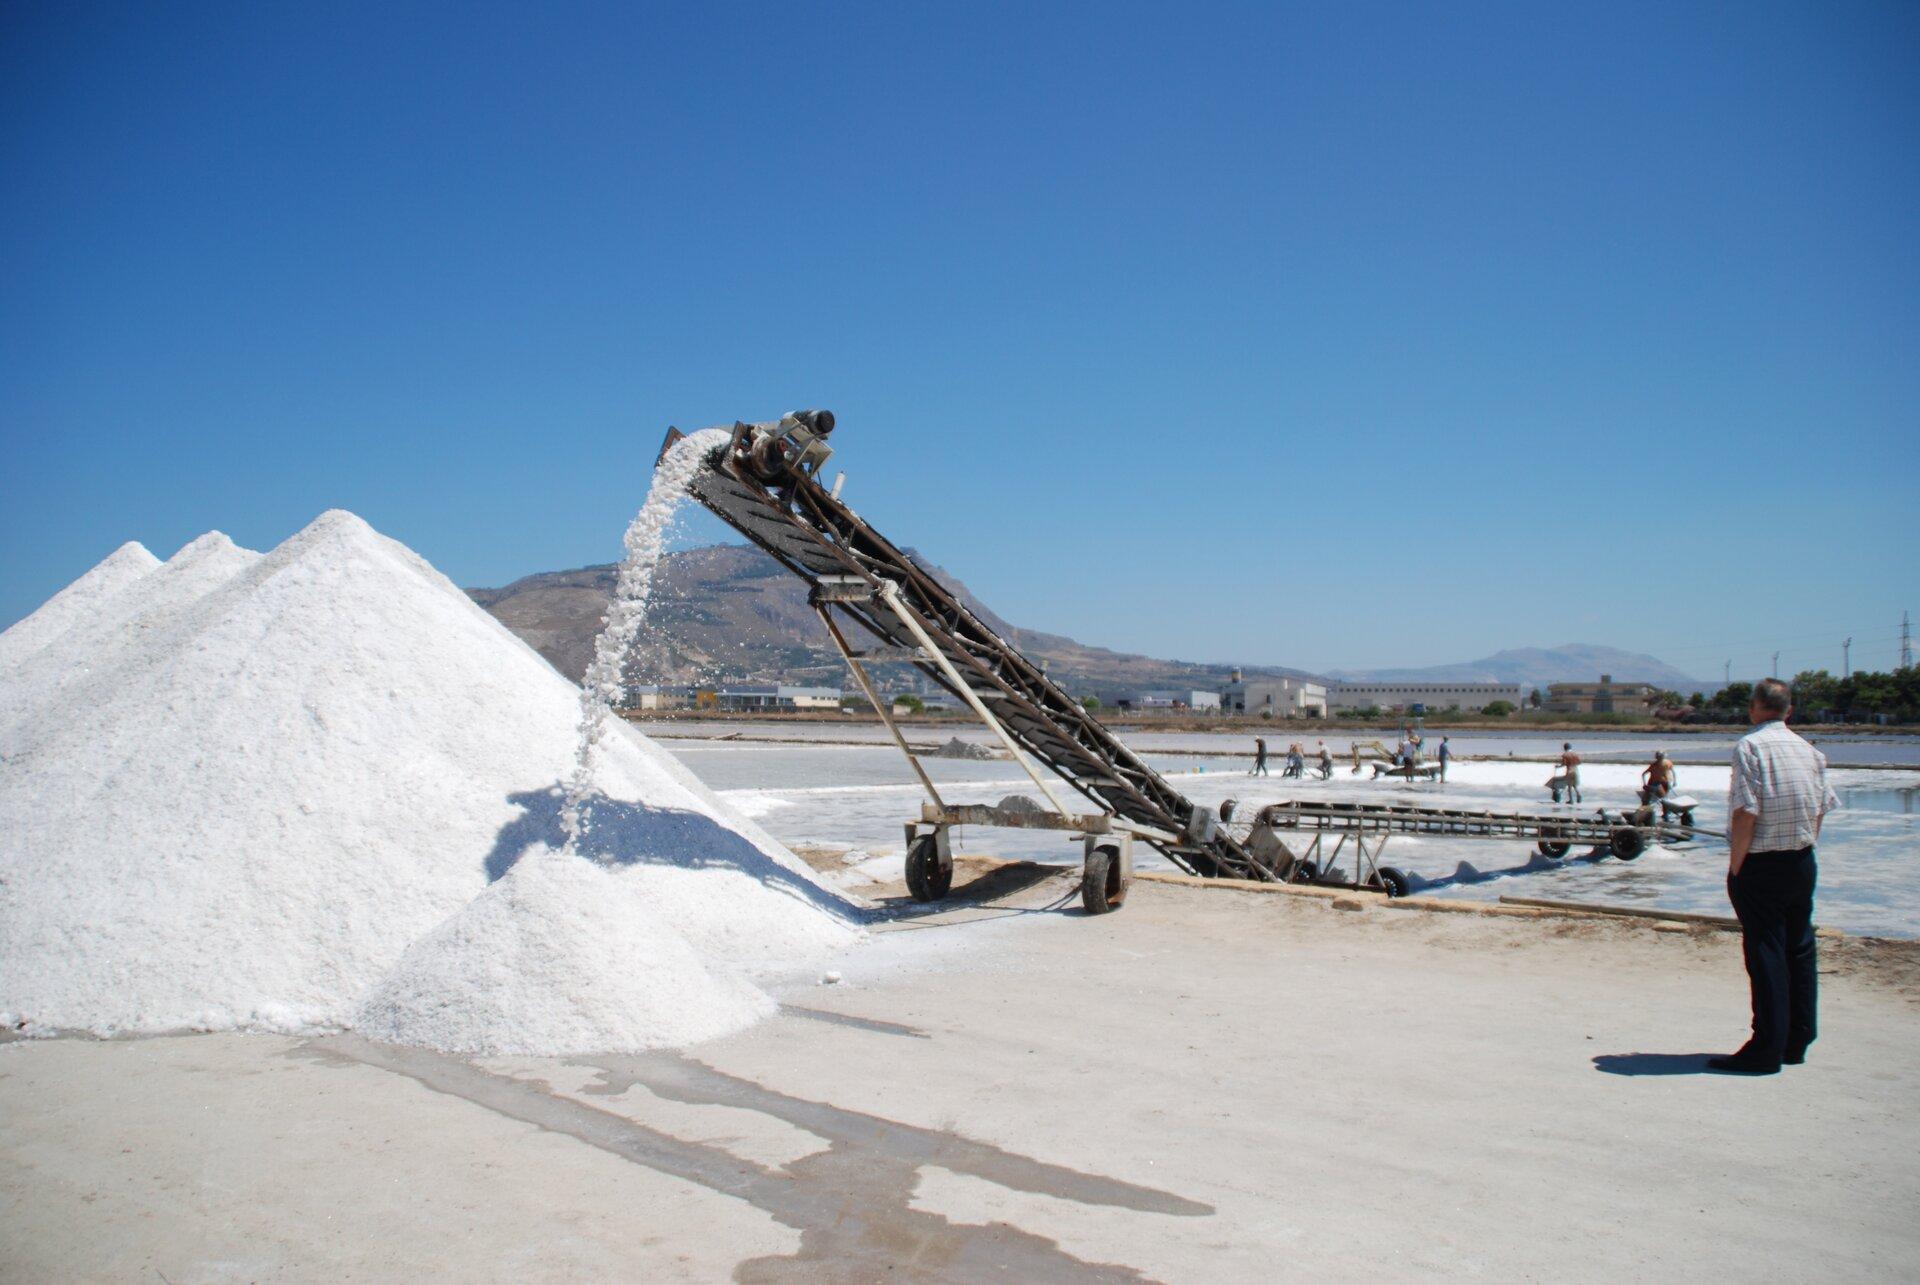 Na zdjęciu zlewej strony kilka kopców soli. Zprawej strony taśmociąg podaje kolejne porcje soli zebrane wprocesie naturalnego wyparowywania wody wbasenach solnych. Przy taśmociągu stoją pracownicy. Wtle góry.